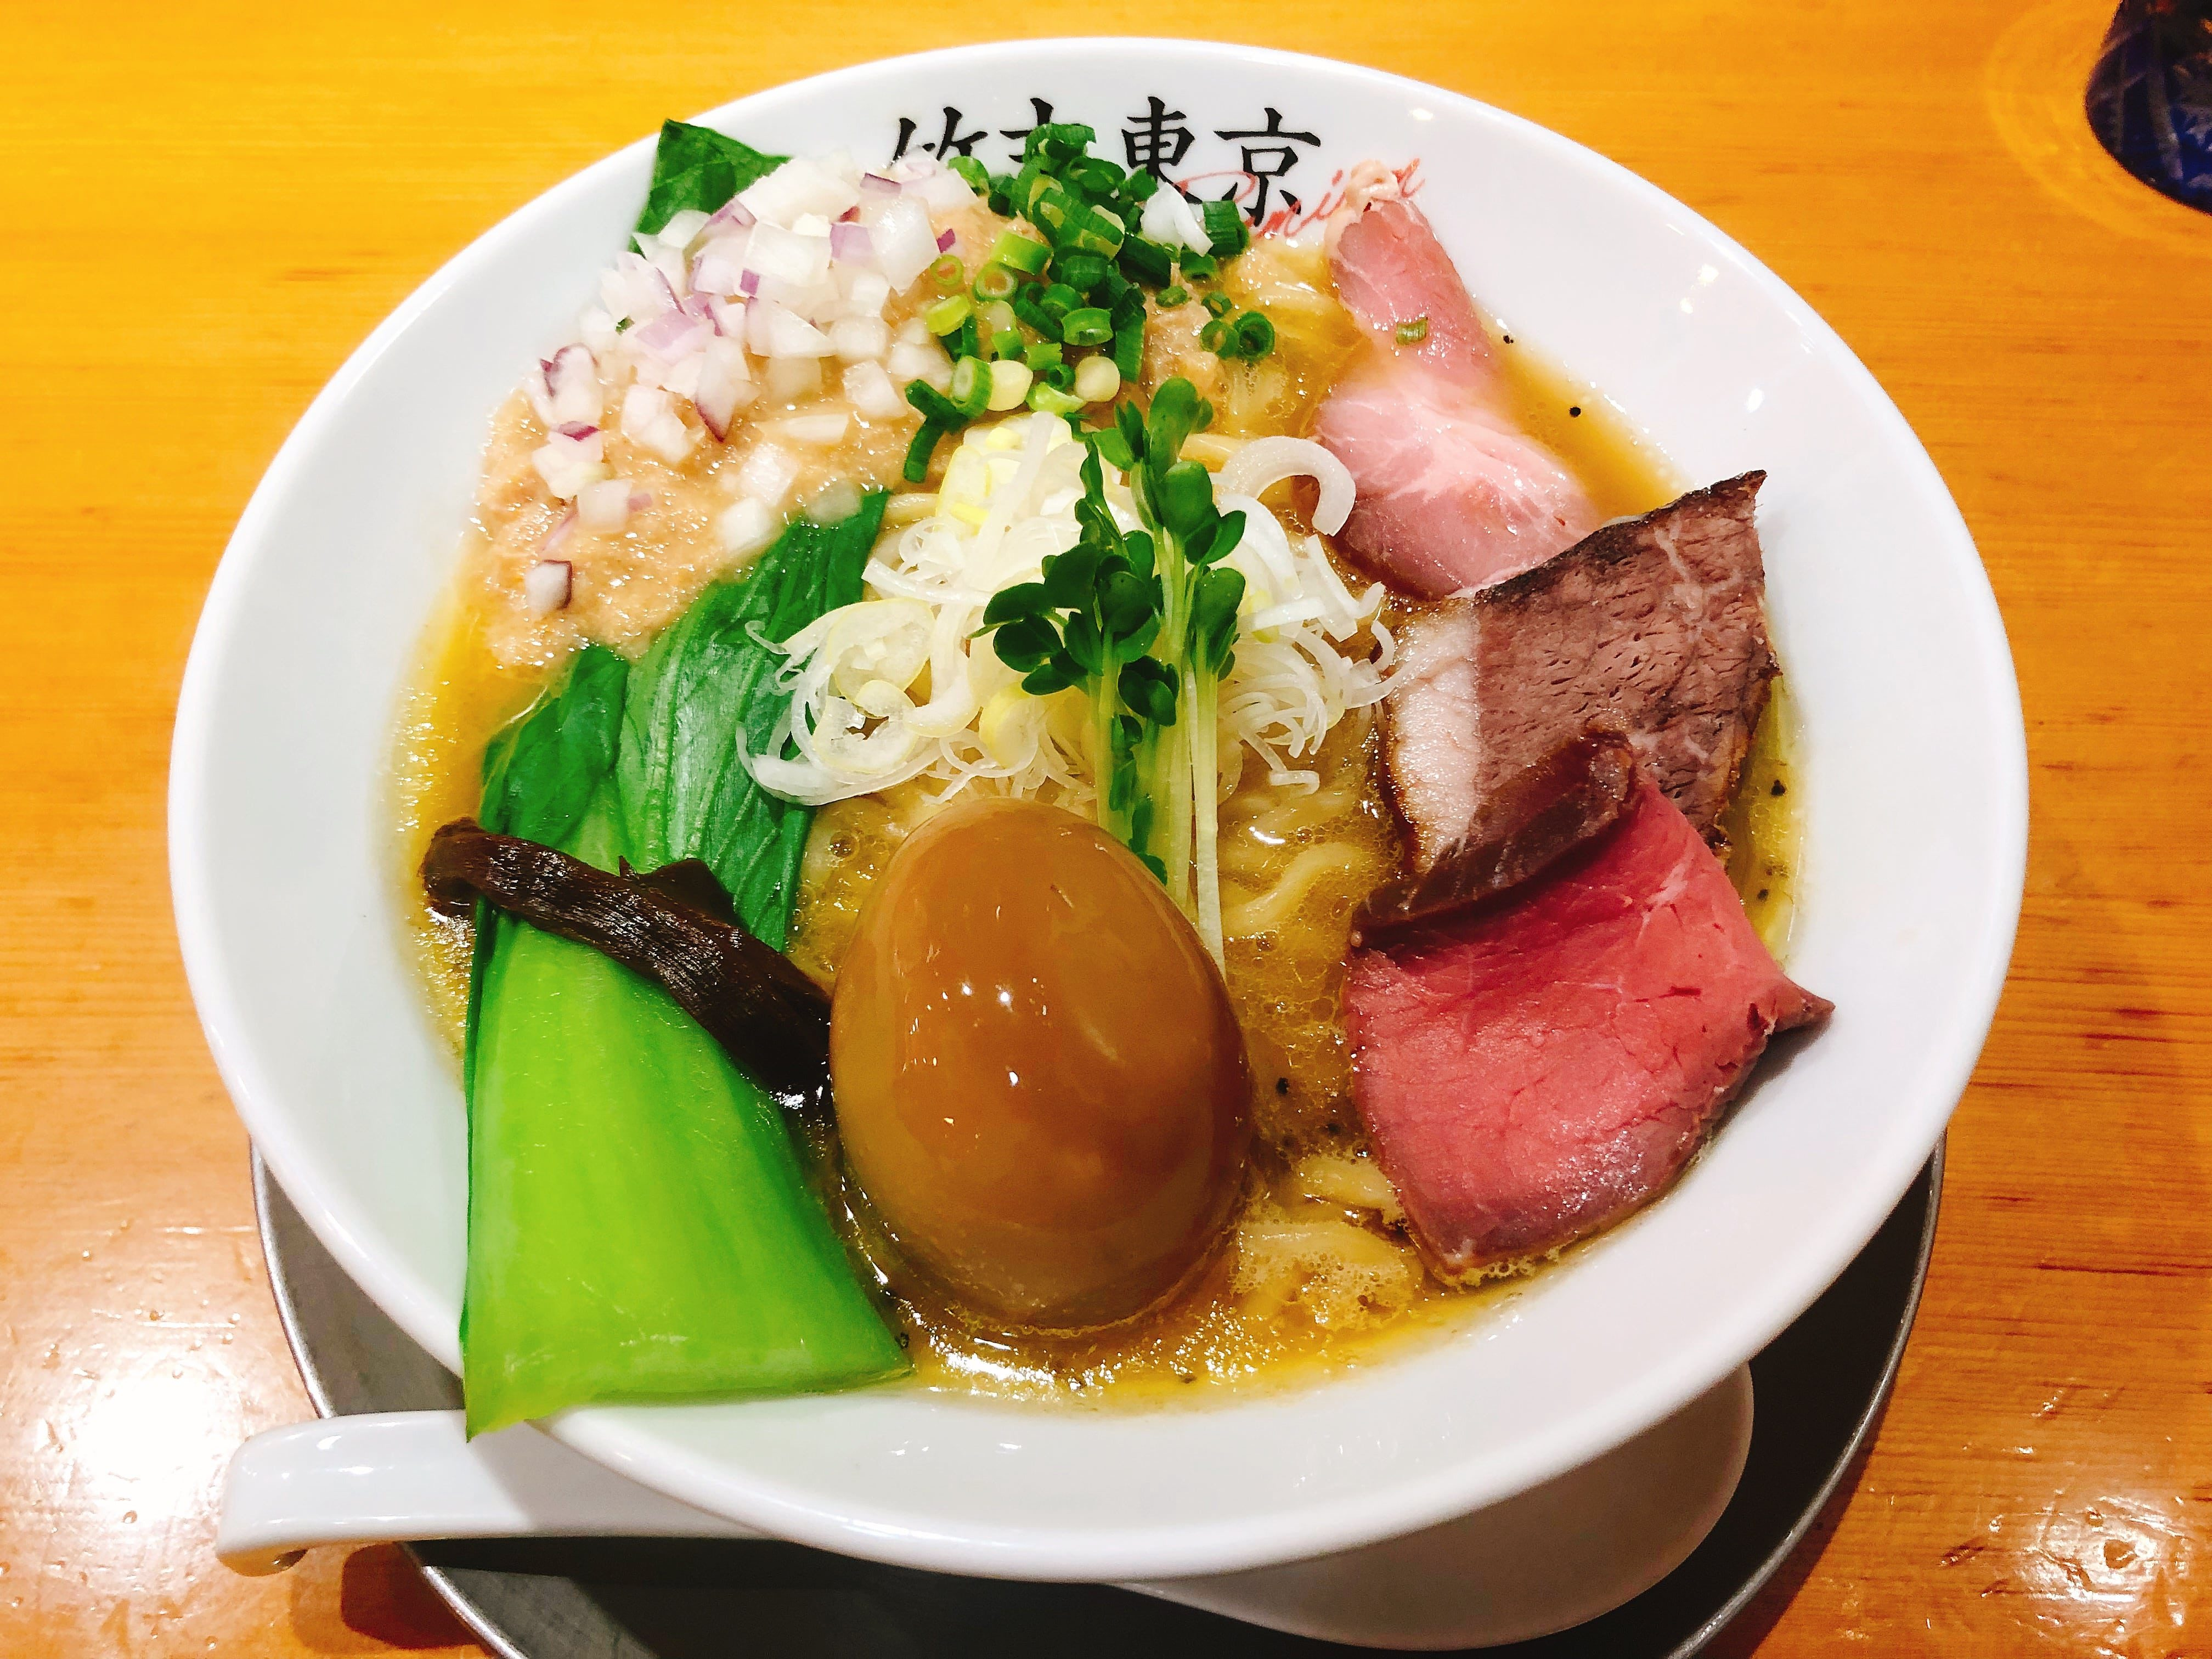 凝縮された濃厚なホタテの旨みがたっぷりとスープに溶け出す『味玉鶏ホタテそば』 @竹末東京Premium【押上】